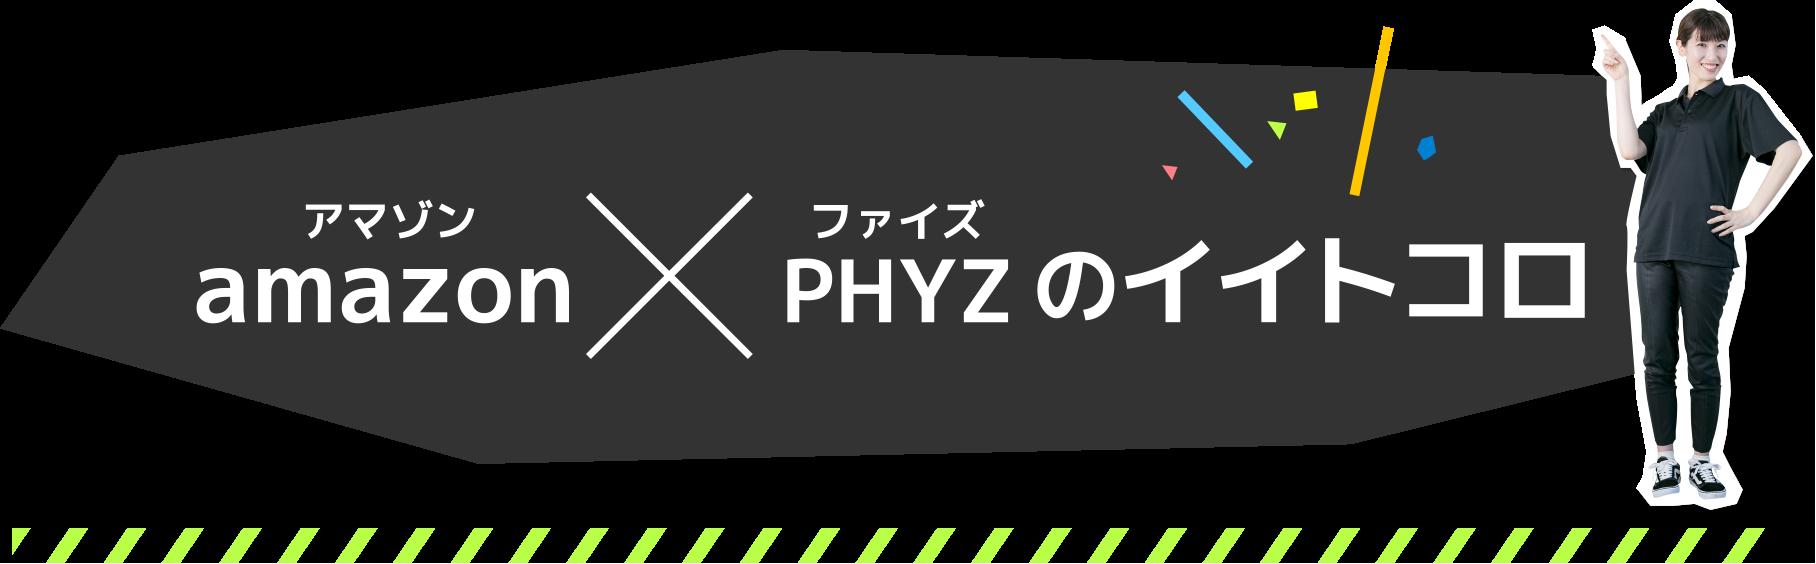 amazon x PHYZ のイイトコロ